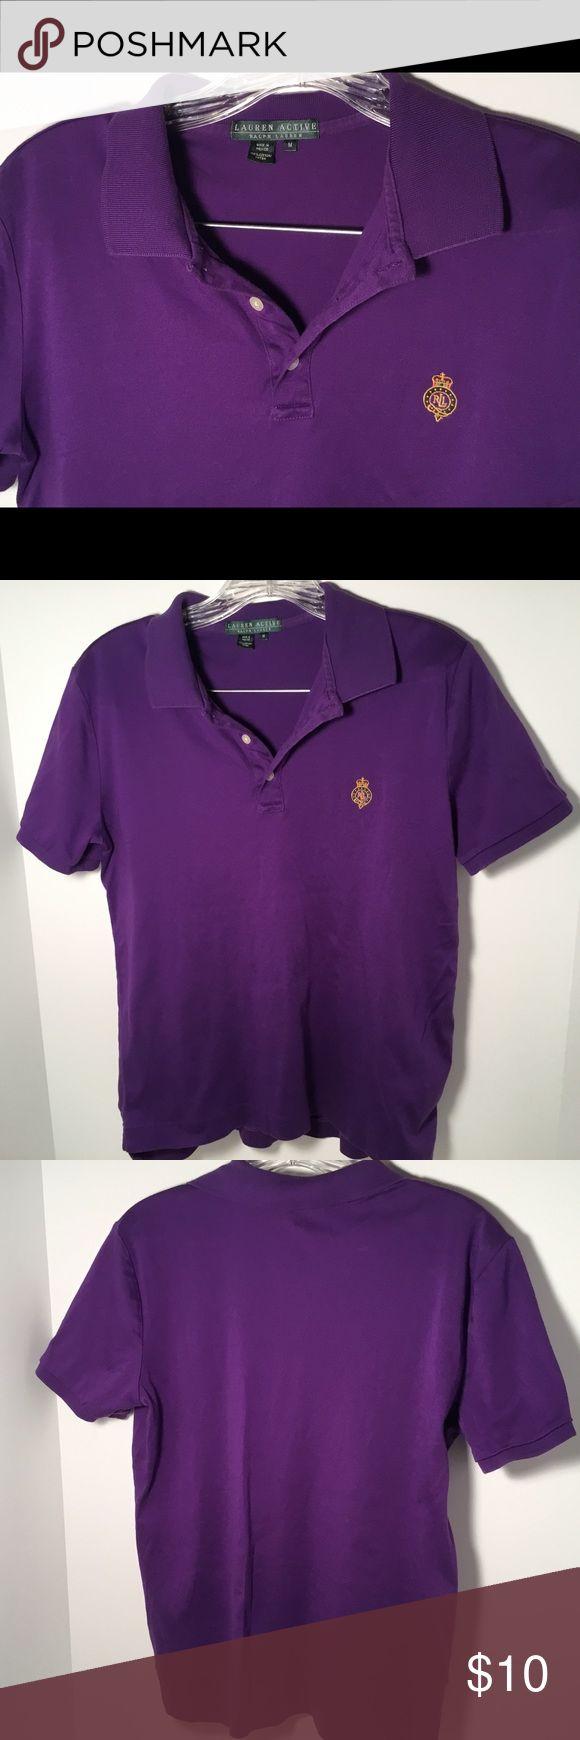 Ralph Size Plus Polos Lauren Shirts Polo Bulk For Women Rj4LA35